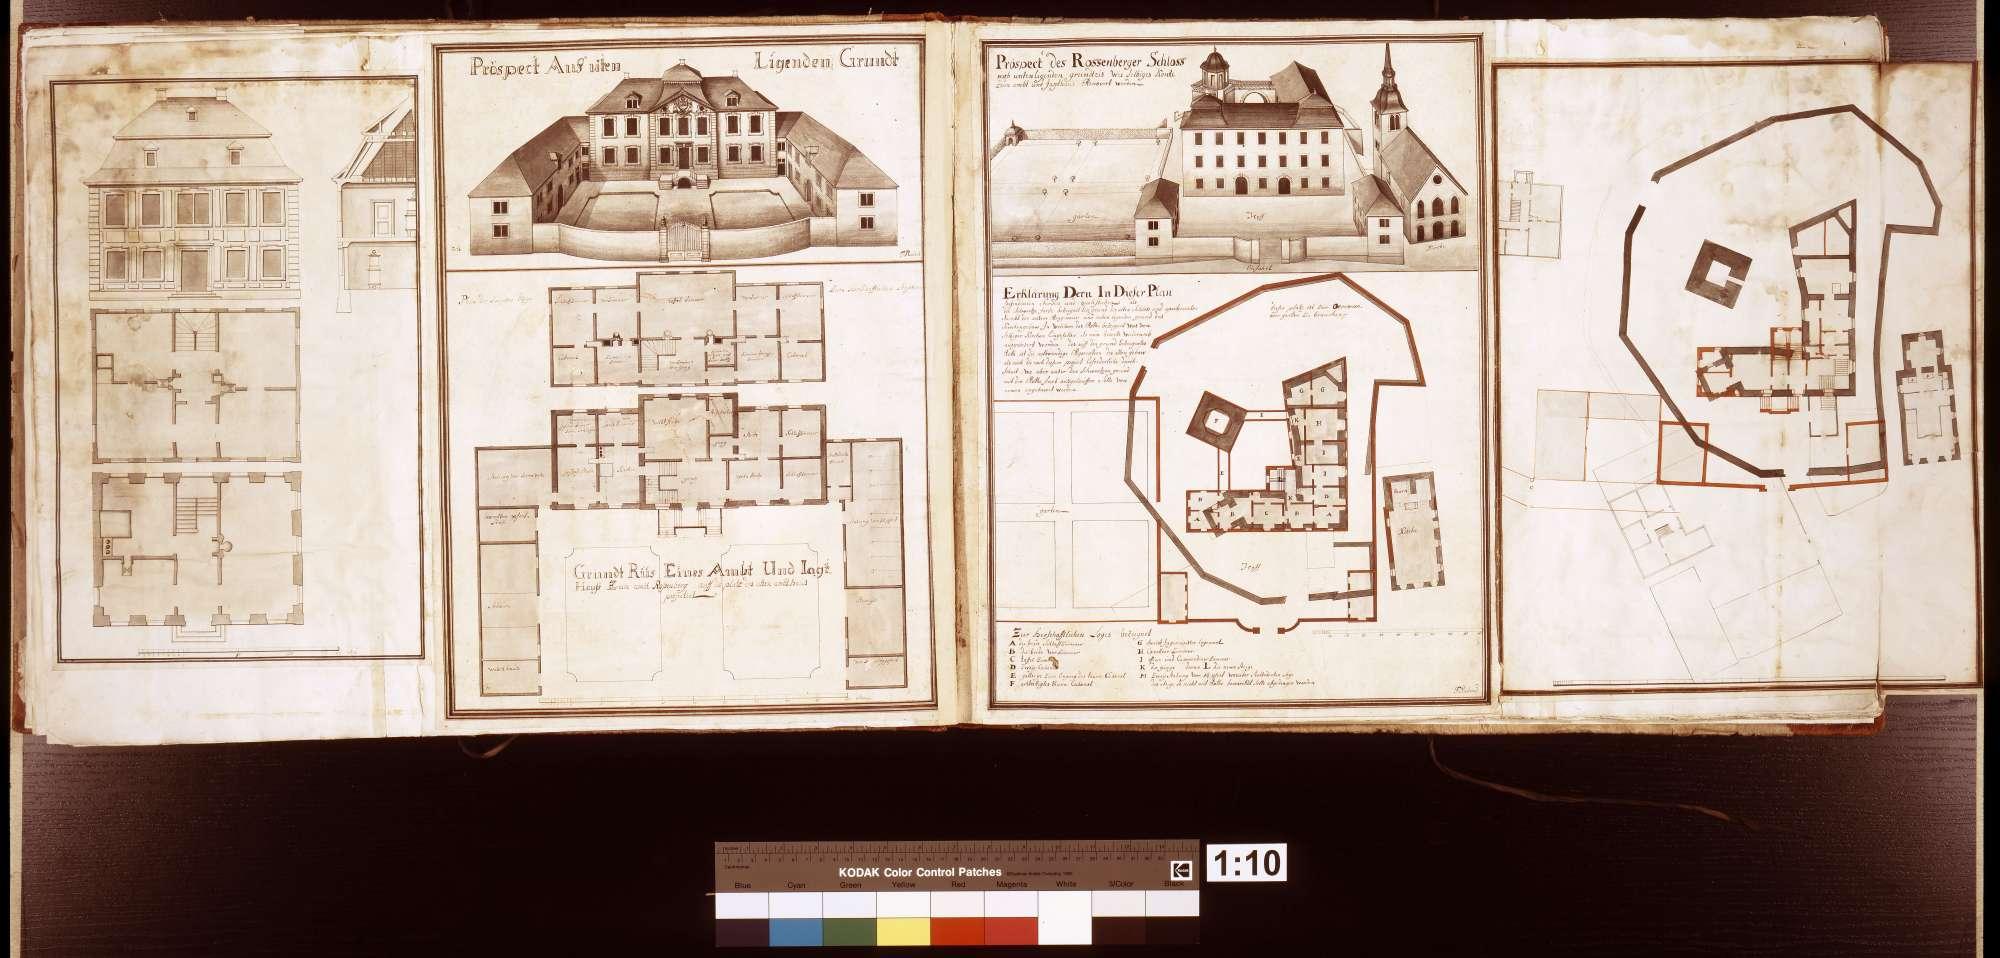 Prospekt des Rosenberger Schlosses nach unten liegendem Grundriss, wie selbiges könnte zum Amt- und Jagdhaus renoviert werden, S. 11a rechte Seite links